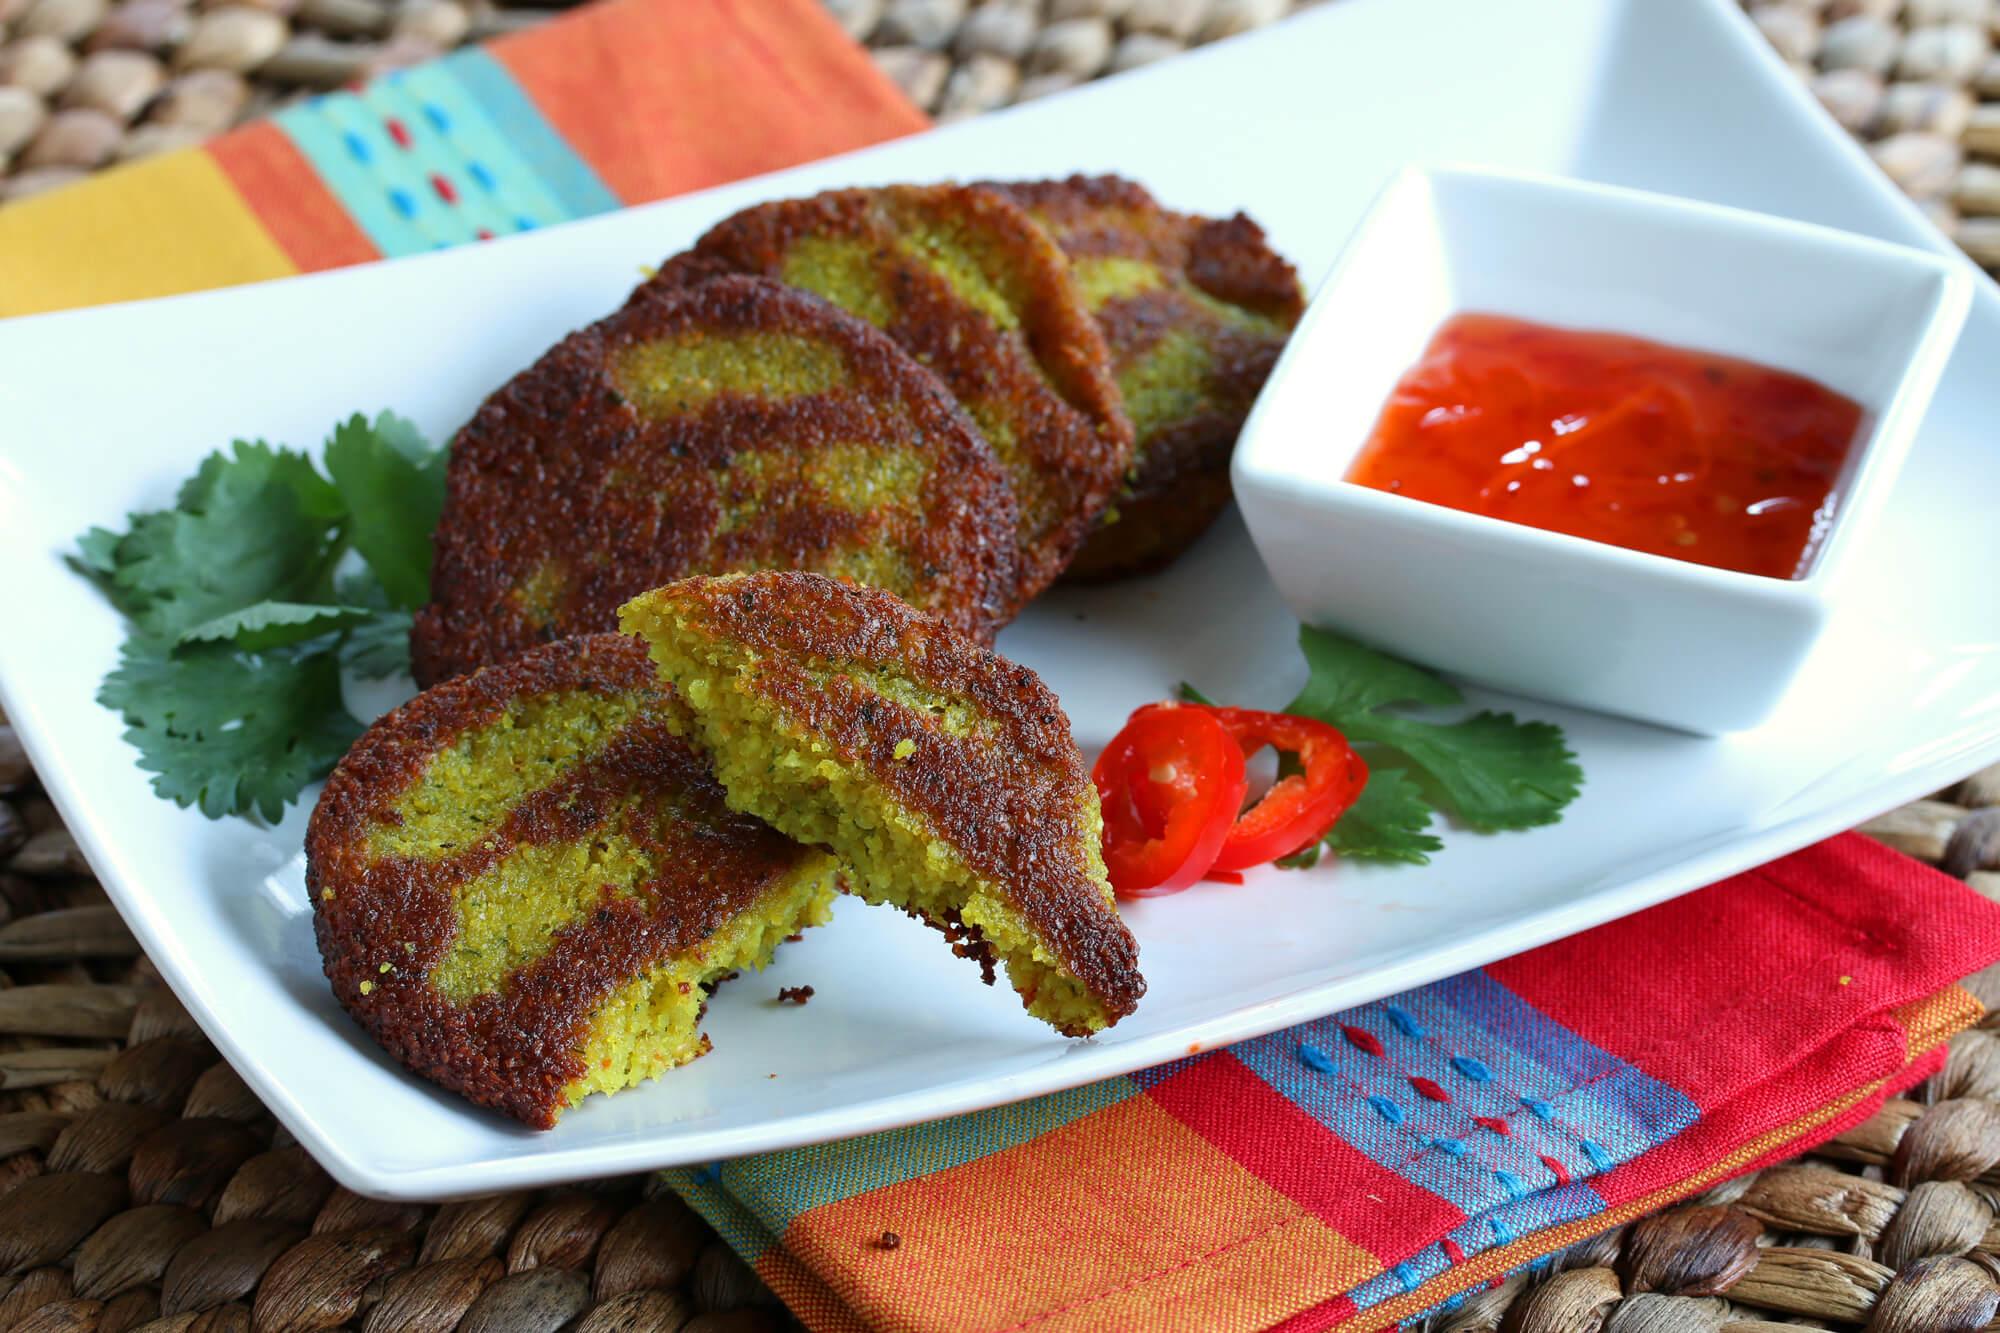 شامی لپه یک غذای خوشمزه سنتی با مواد مغذی